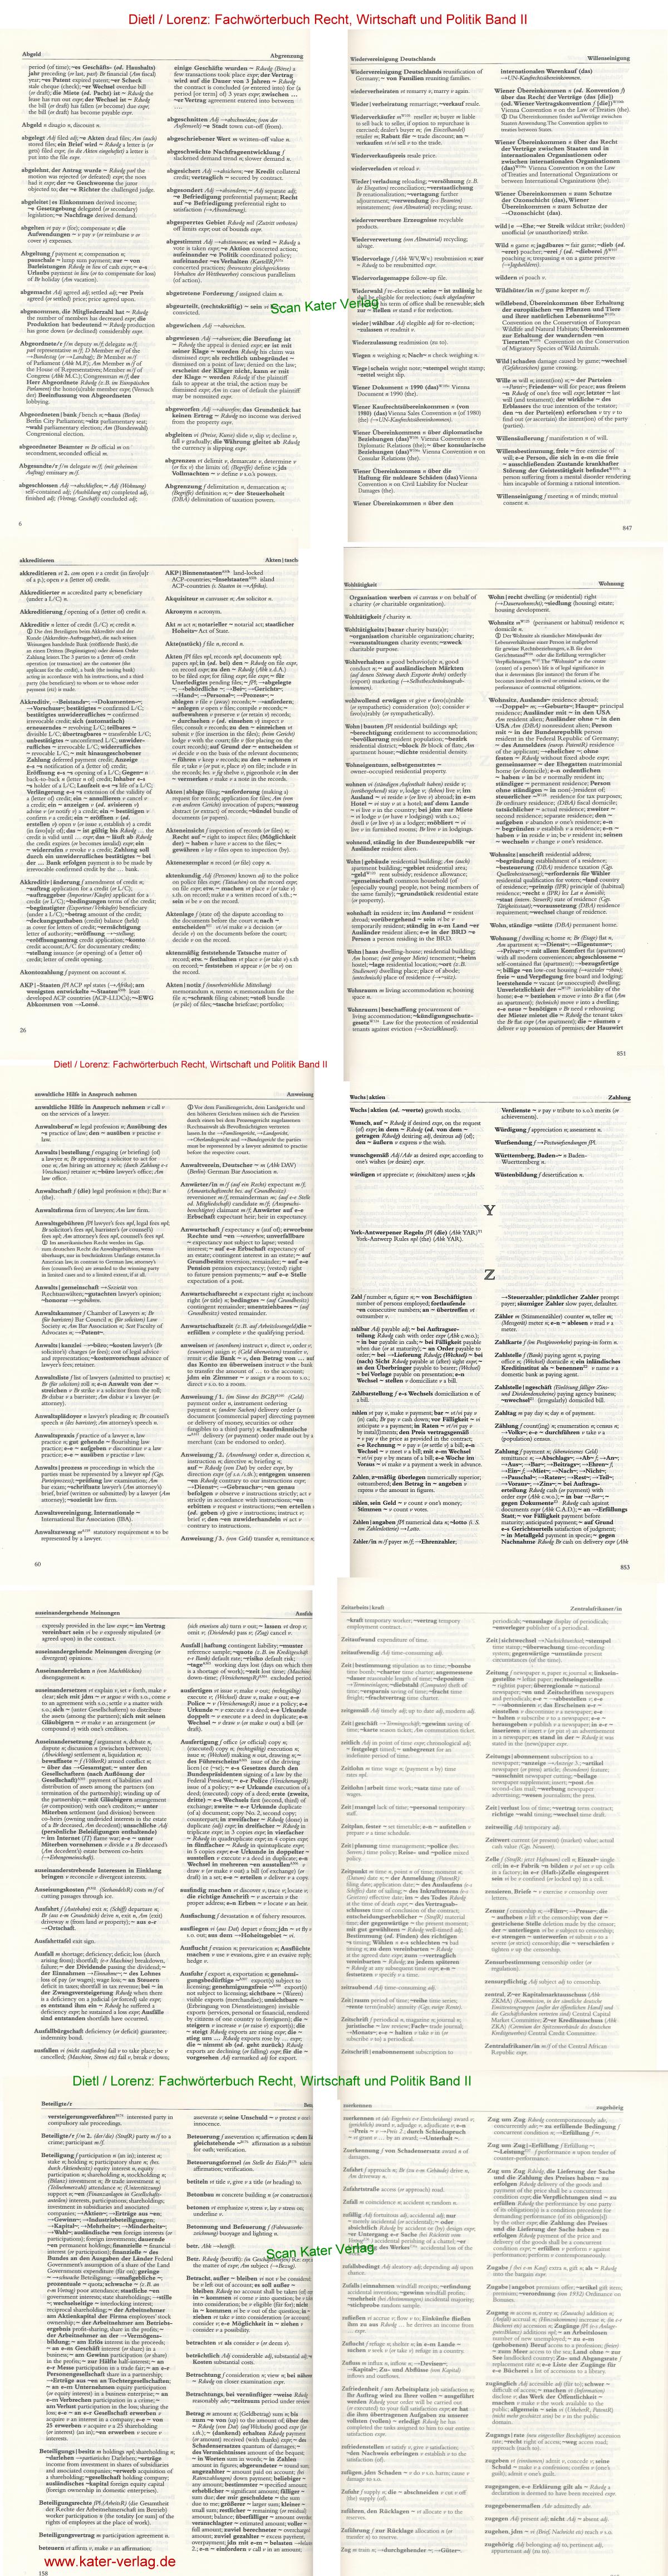 Dietl / Lorenz: Fachwörterbuch Recht, Wirtschaft und Politik Band II Deutsch-Englisch DE-EN